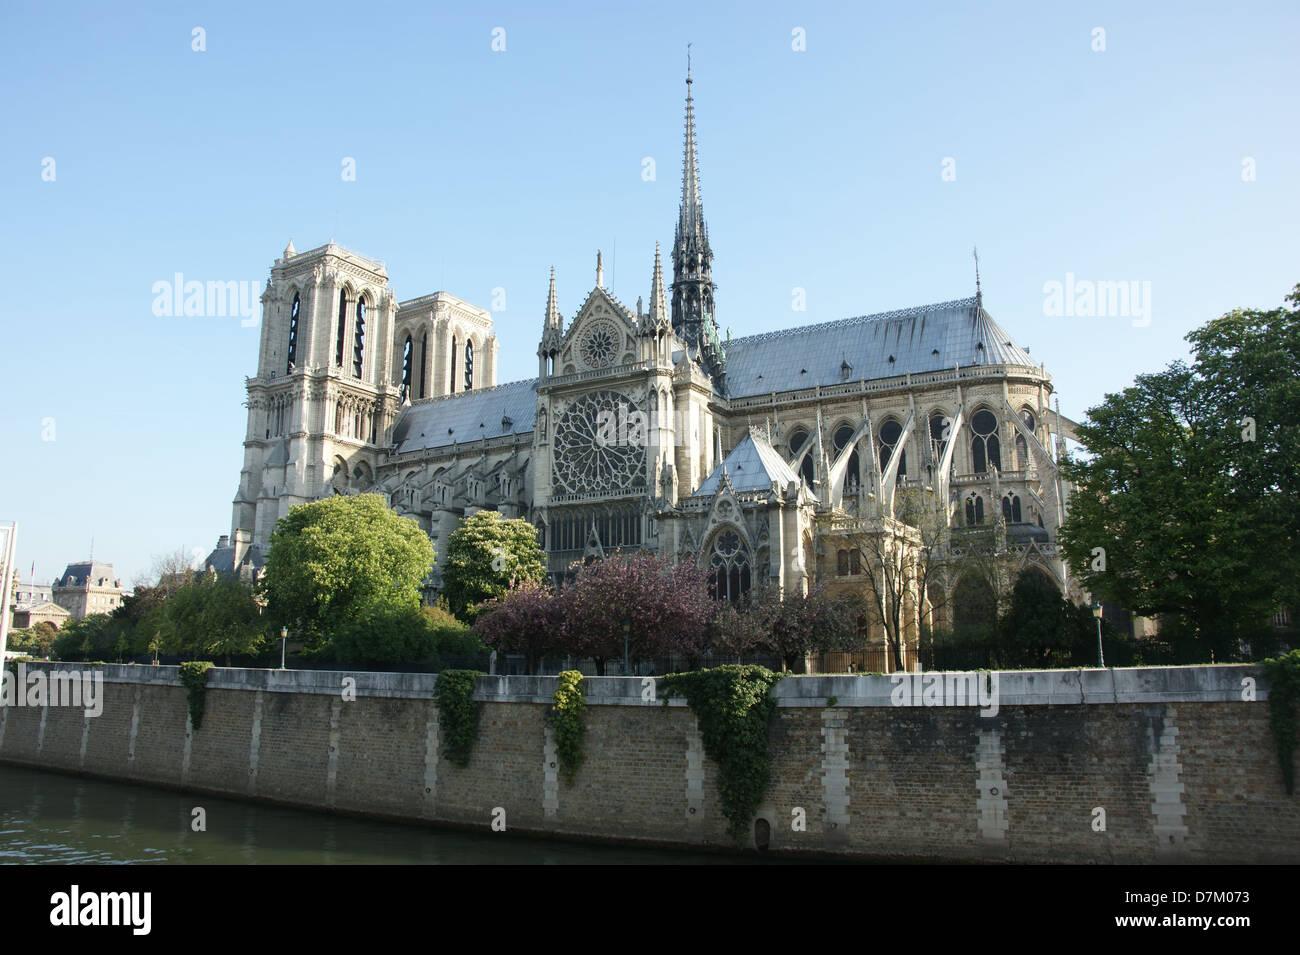 Cathédrale Notre Dame de Paris from La Seine river - Stock Image